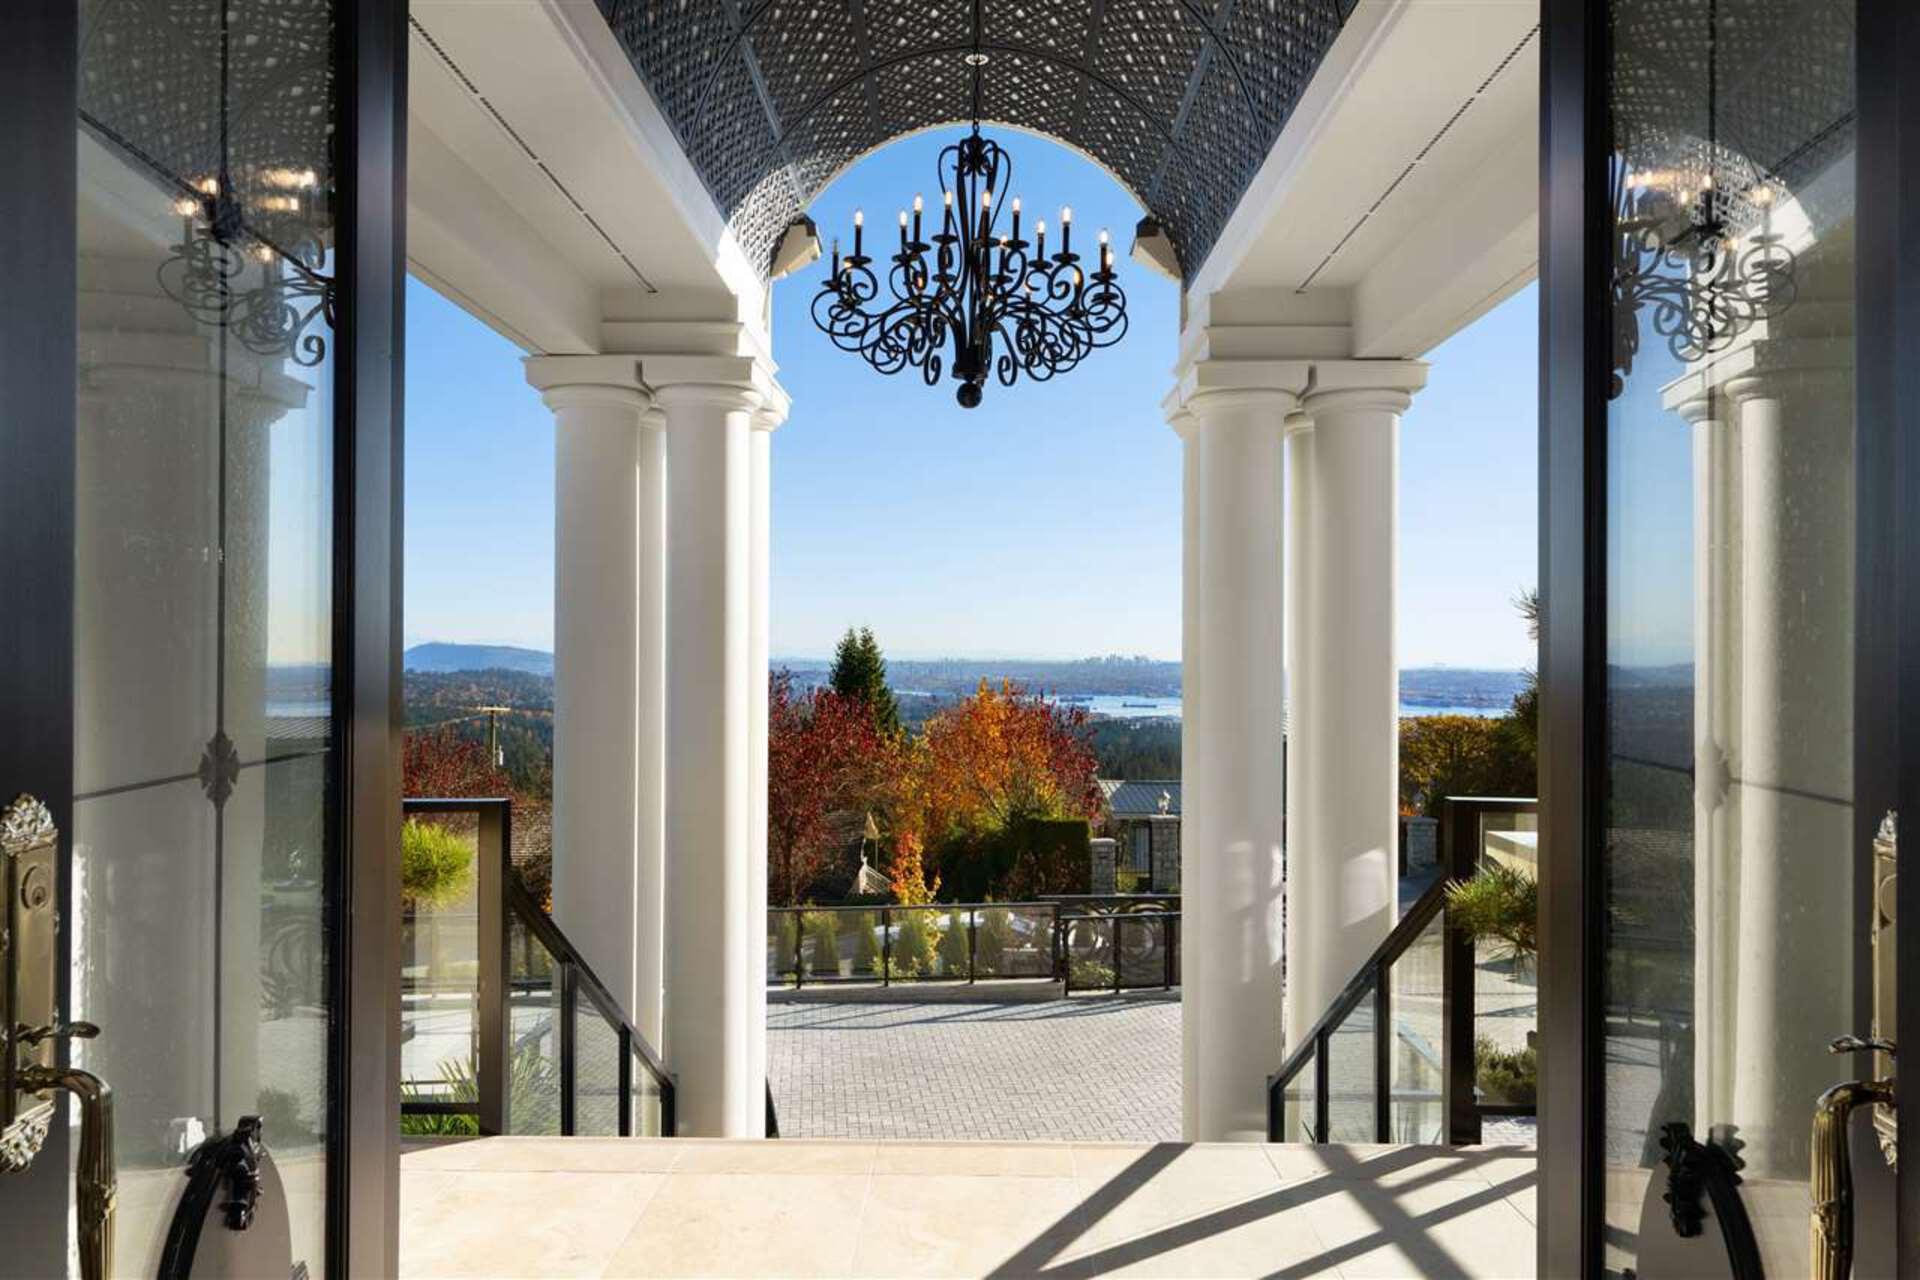 667-andover-crescent-british-properties-west-vancouver-17 at 667 Andover Crescent, British Properties, West Vancouver